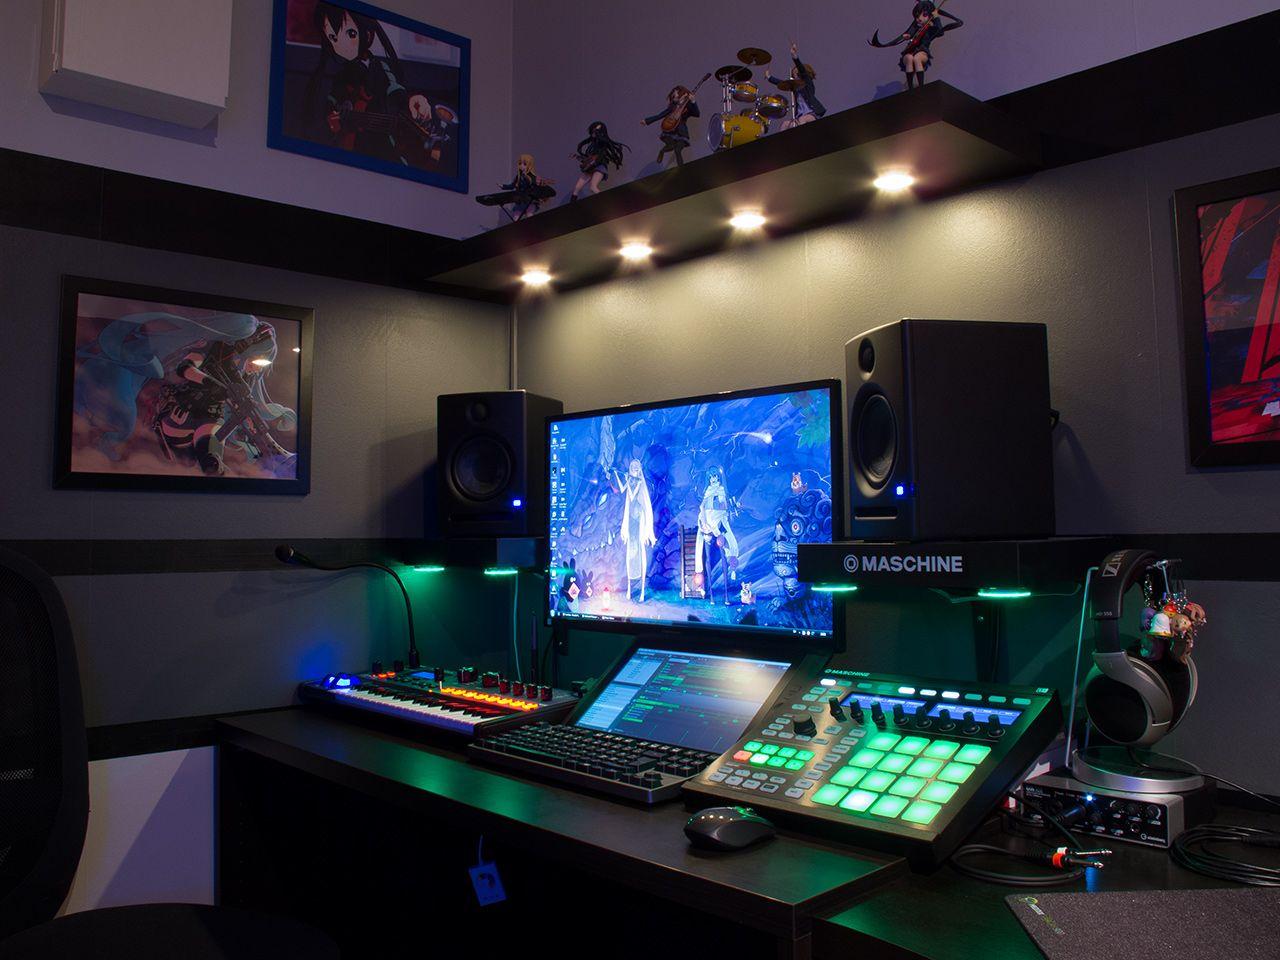 pin von jasi loewenstein auf tonstudio pinterest jugendzimmer einrichten musikproduktion. Black Bedroom Furniture Sets. Home Design Ideas